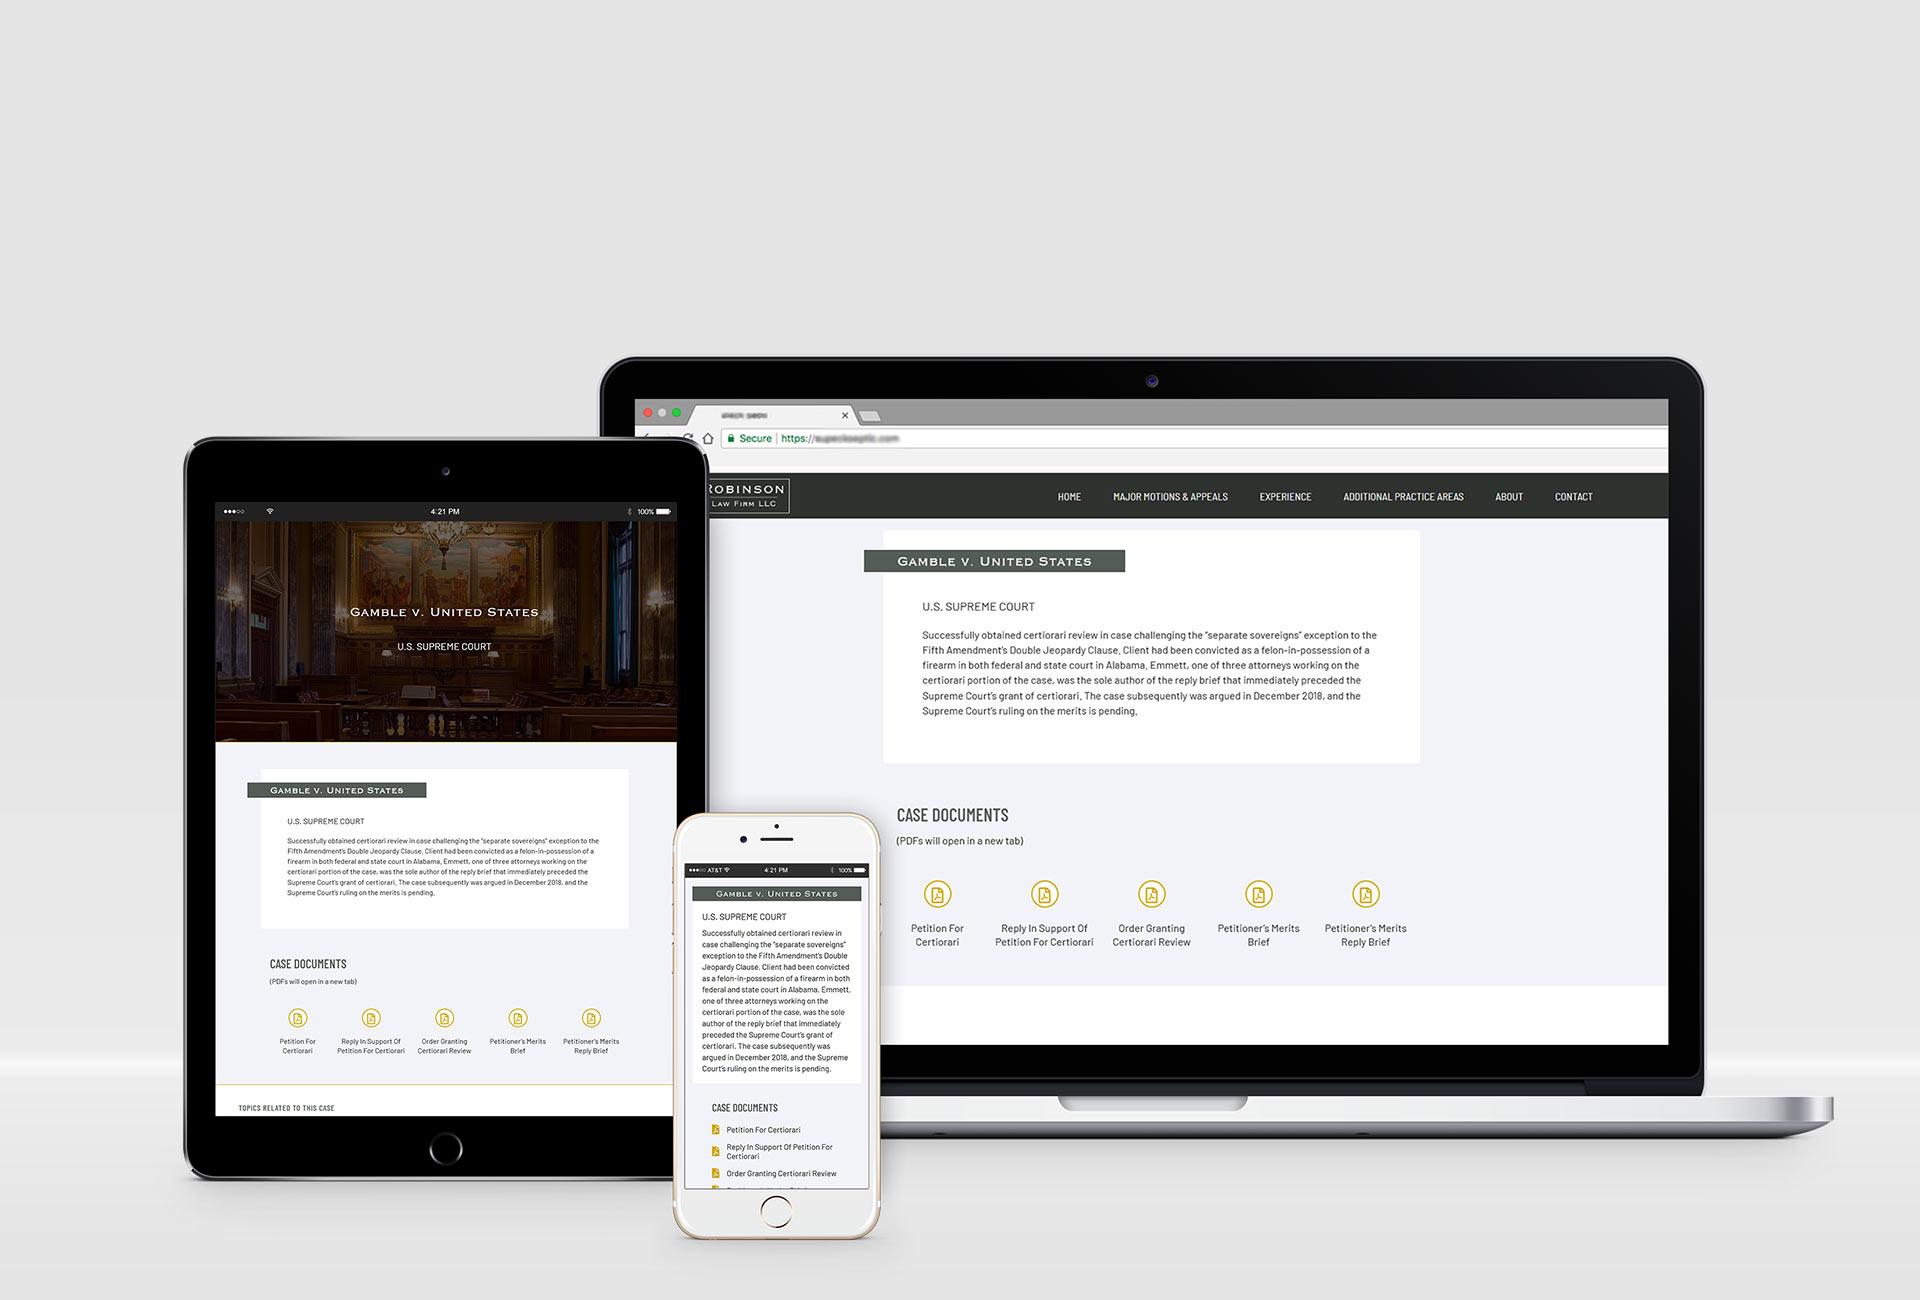 law firm website design mockup 3